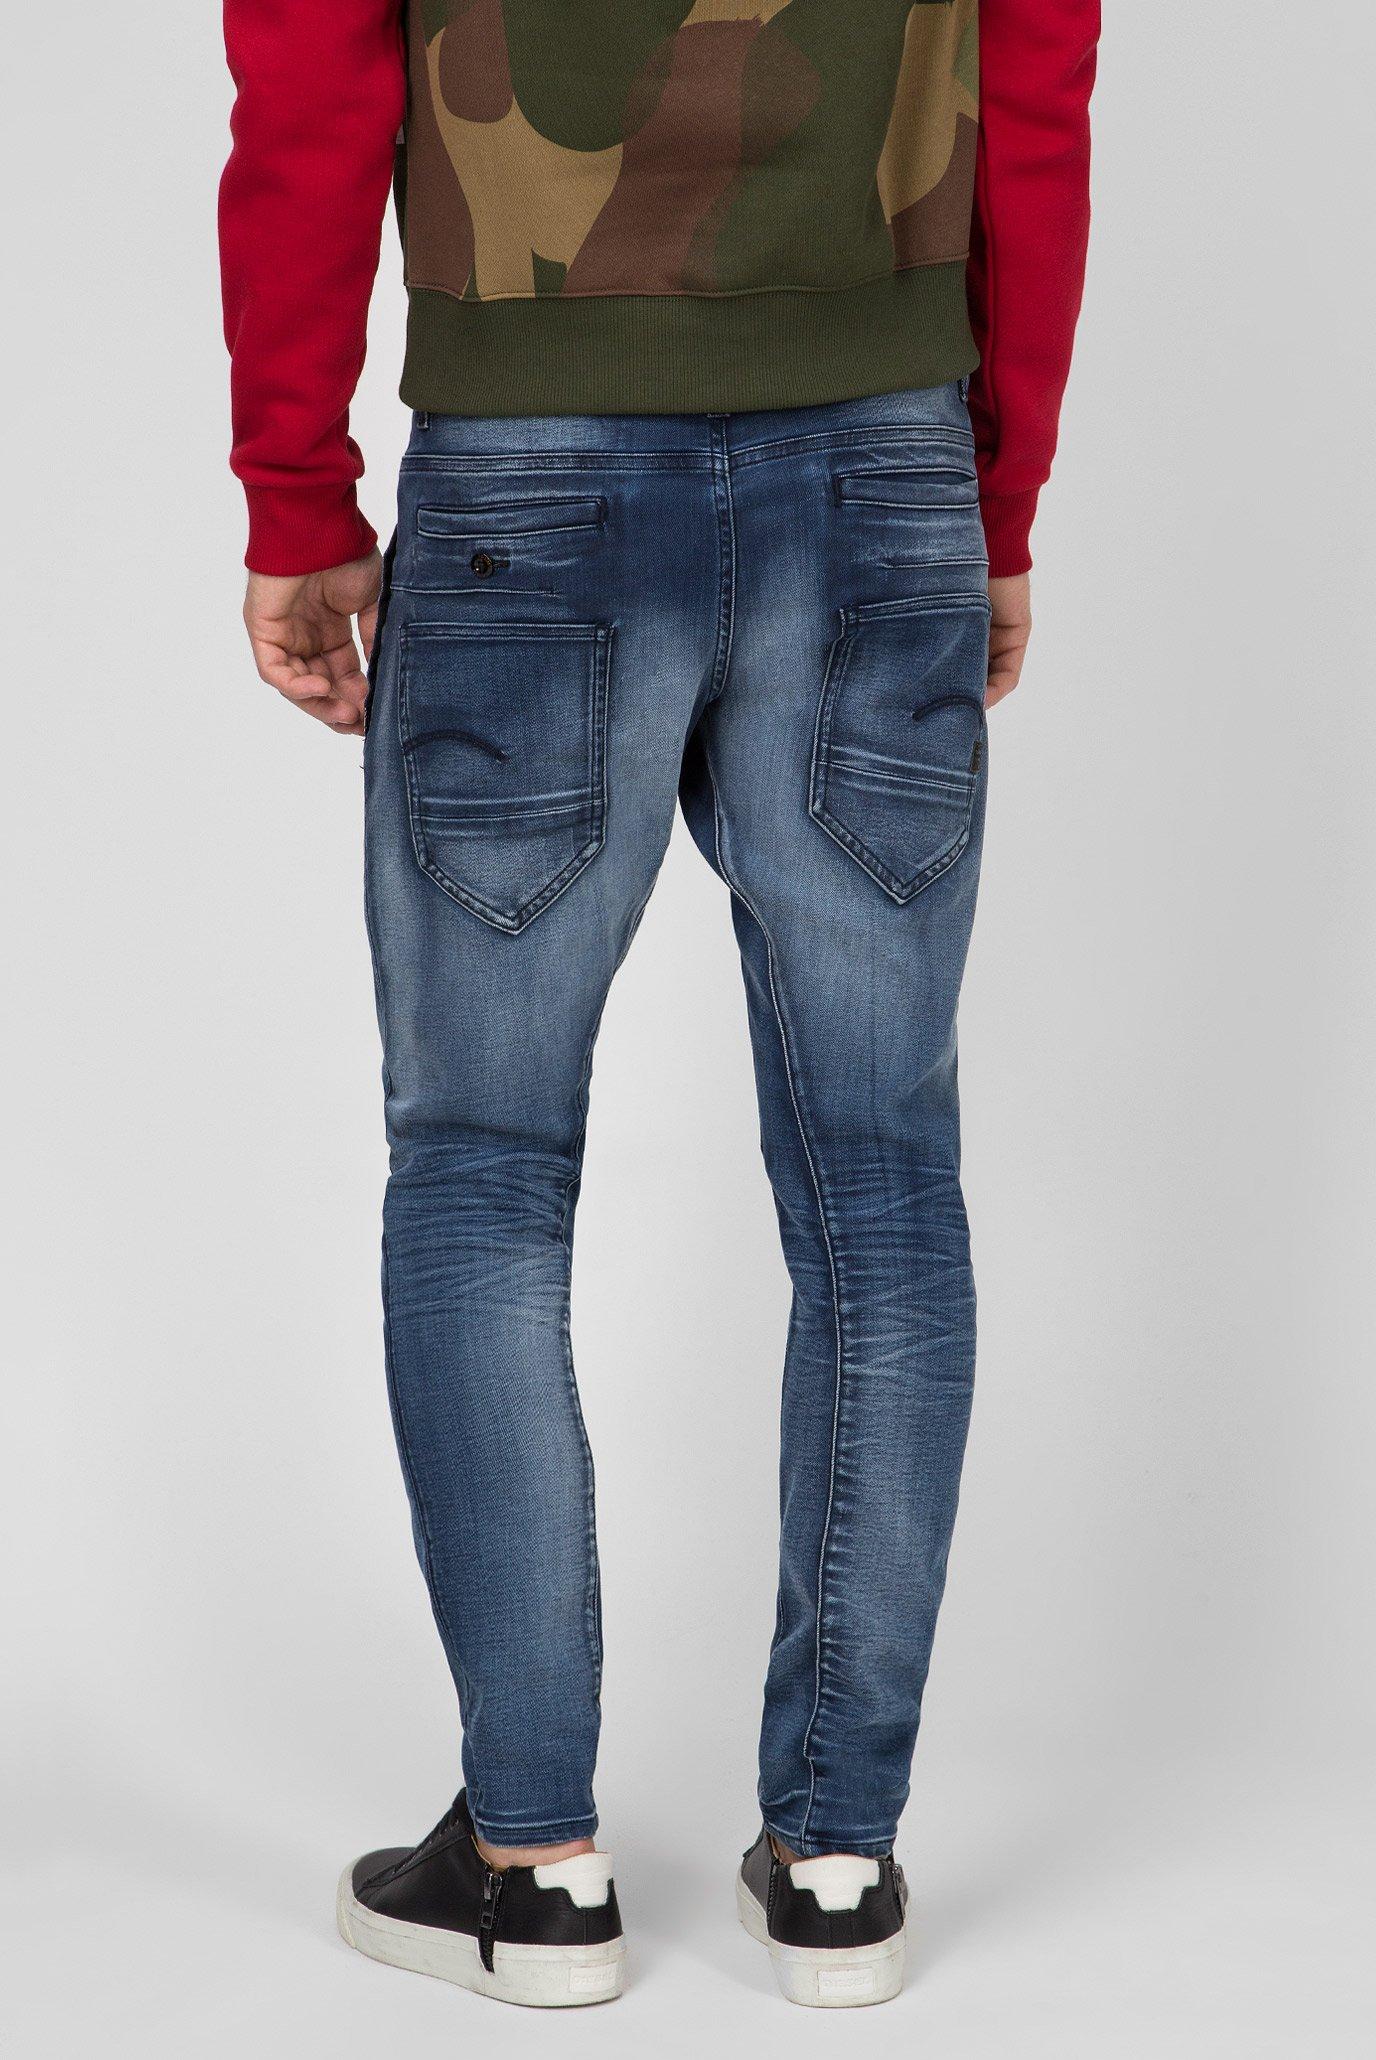 Купить Мужские синие джинсы D-Staq 3D Skinny G-Star RAW G-Star RAW D05385,9615 – Киев, Украина. Цены в интернет магазине MD Fashion